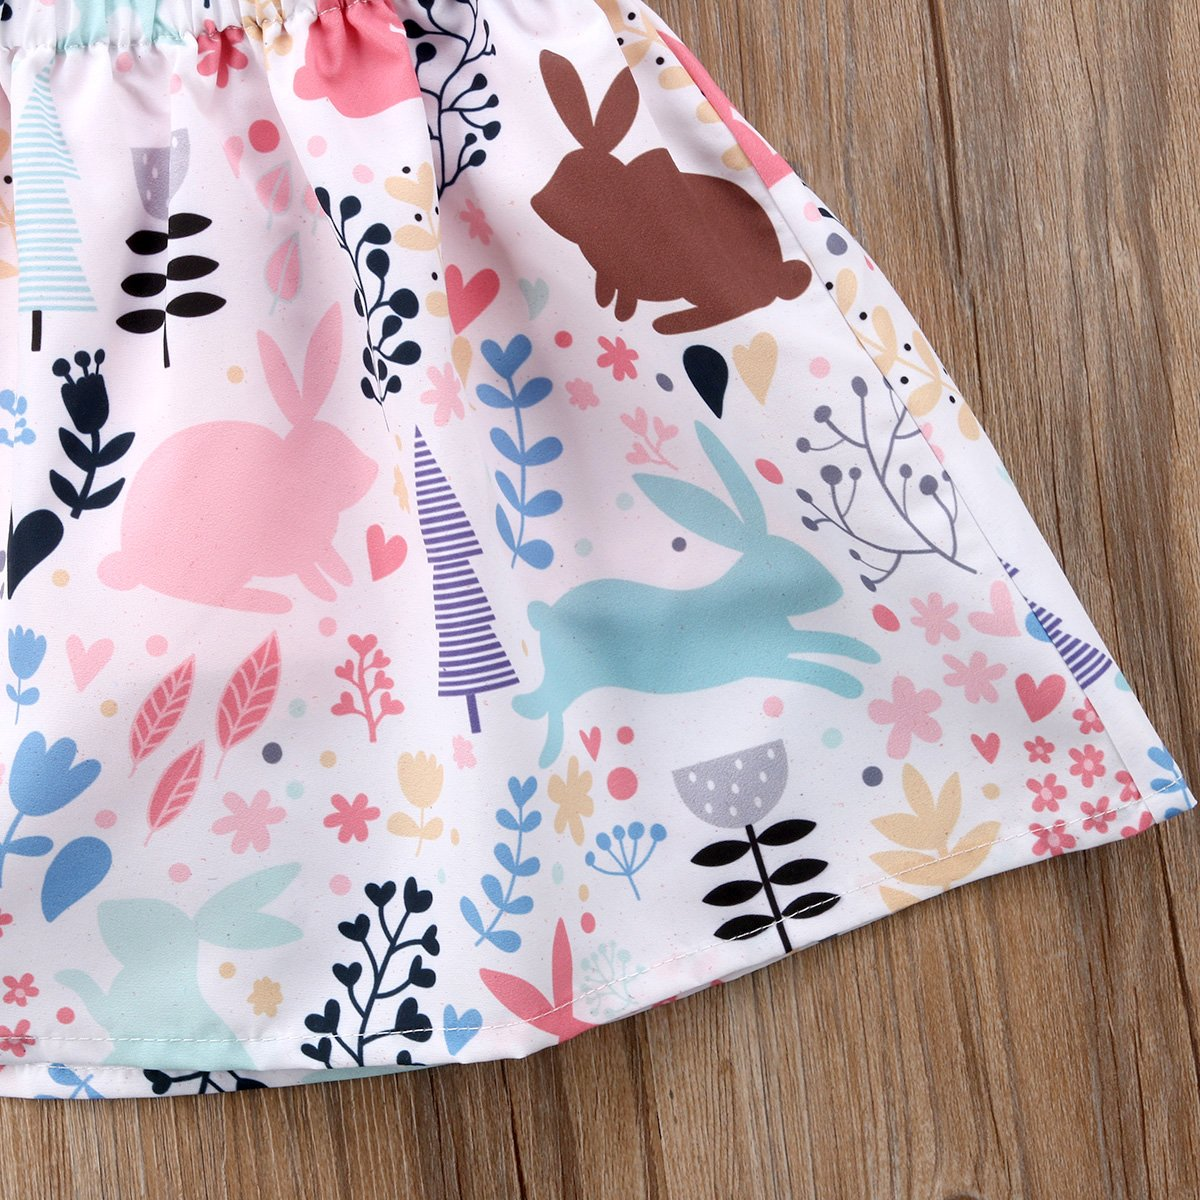 Strap Rock oder kurzes Baumwolloutfit Set 2 St/ück 0.5-4 Jahre Kleinkind S/äuglingsbabykleidung Set Kurzarmshirts